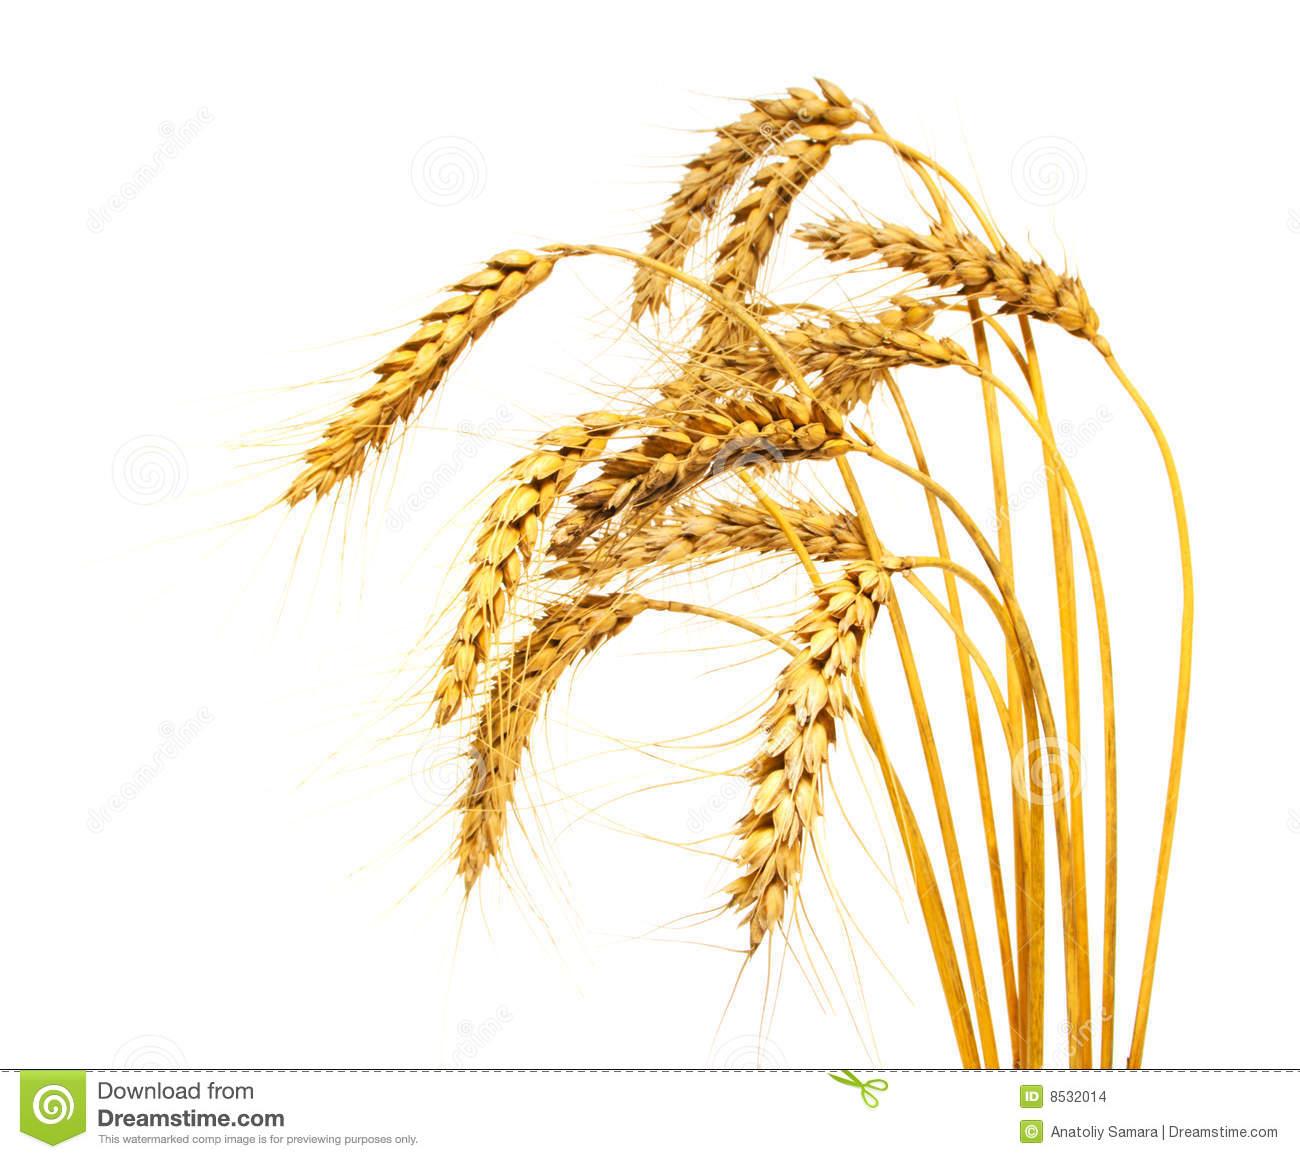 Grains clipart wheat plant Wheat Wheat cliparts Clipart Crop